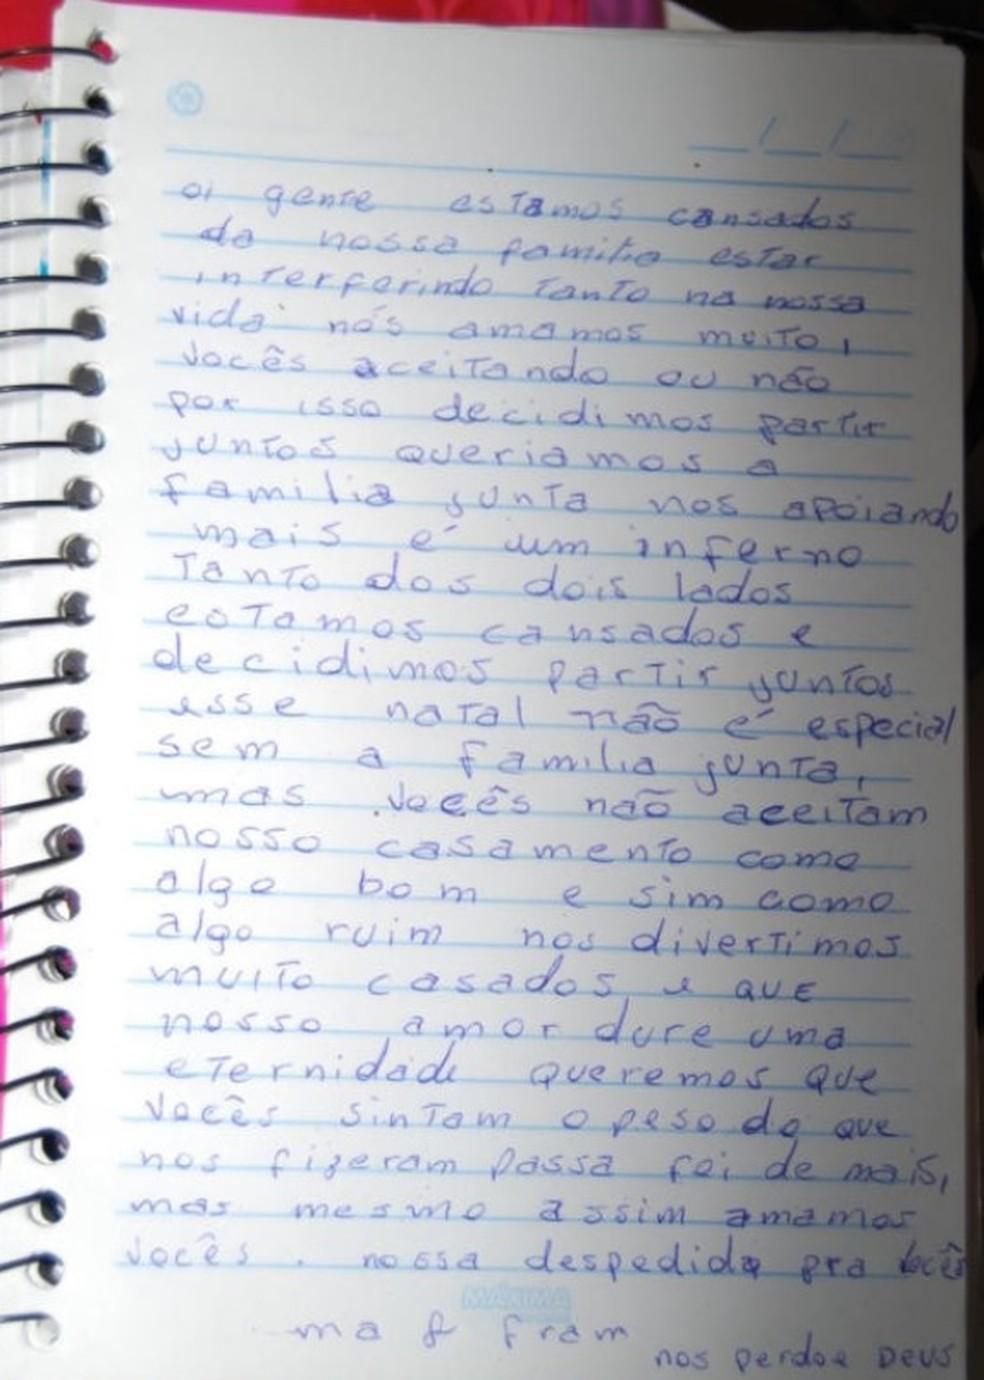 Carta foi apreendida na casa em Várzea Paulista — Foto: Reprodução